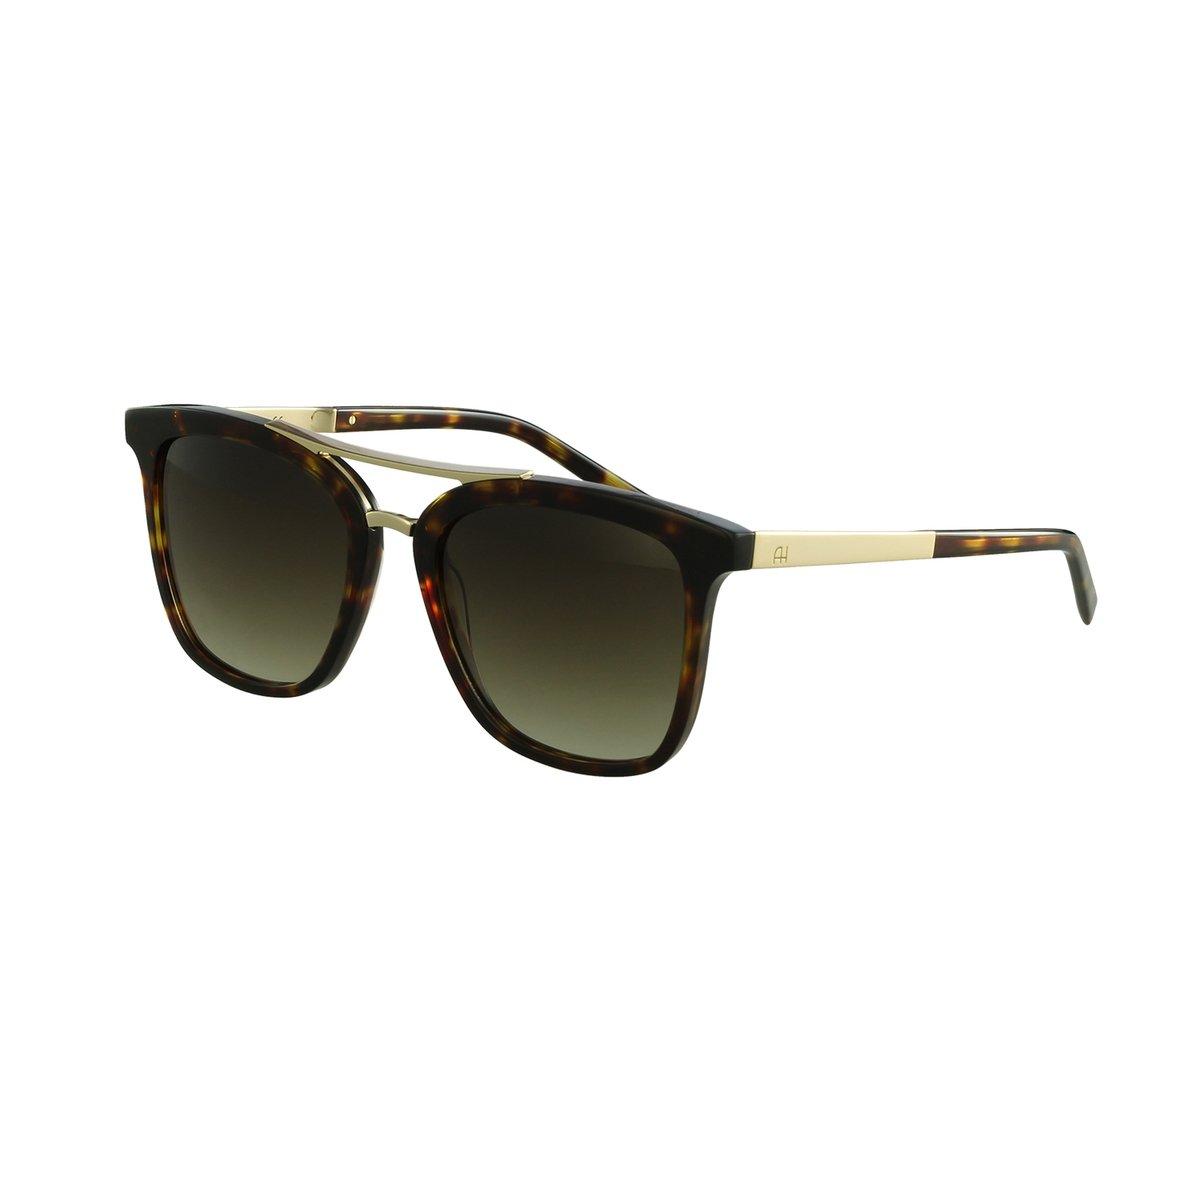 Óculos De Sol Ana Hickmann Casual - Marrom - Compre Agora   Netshoes d5e3d18cf1